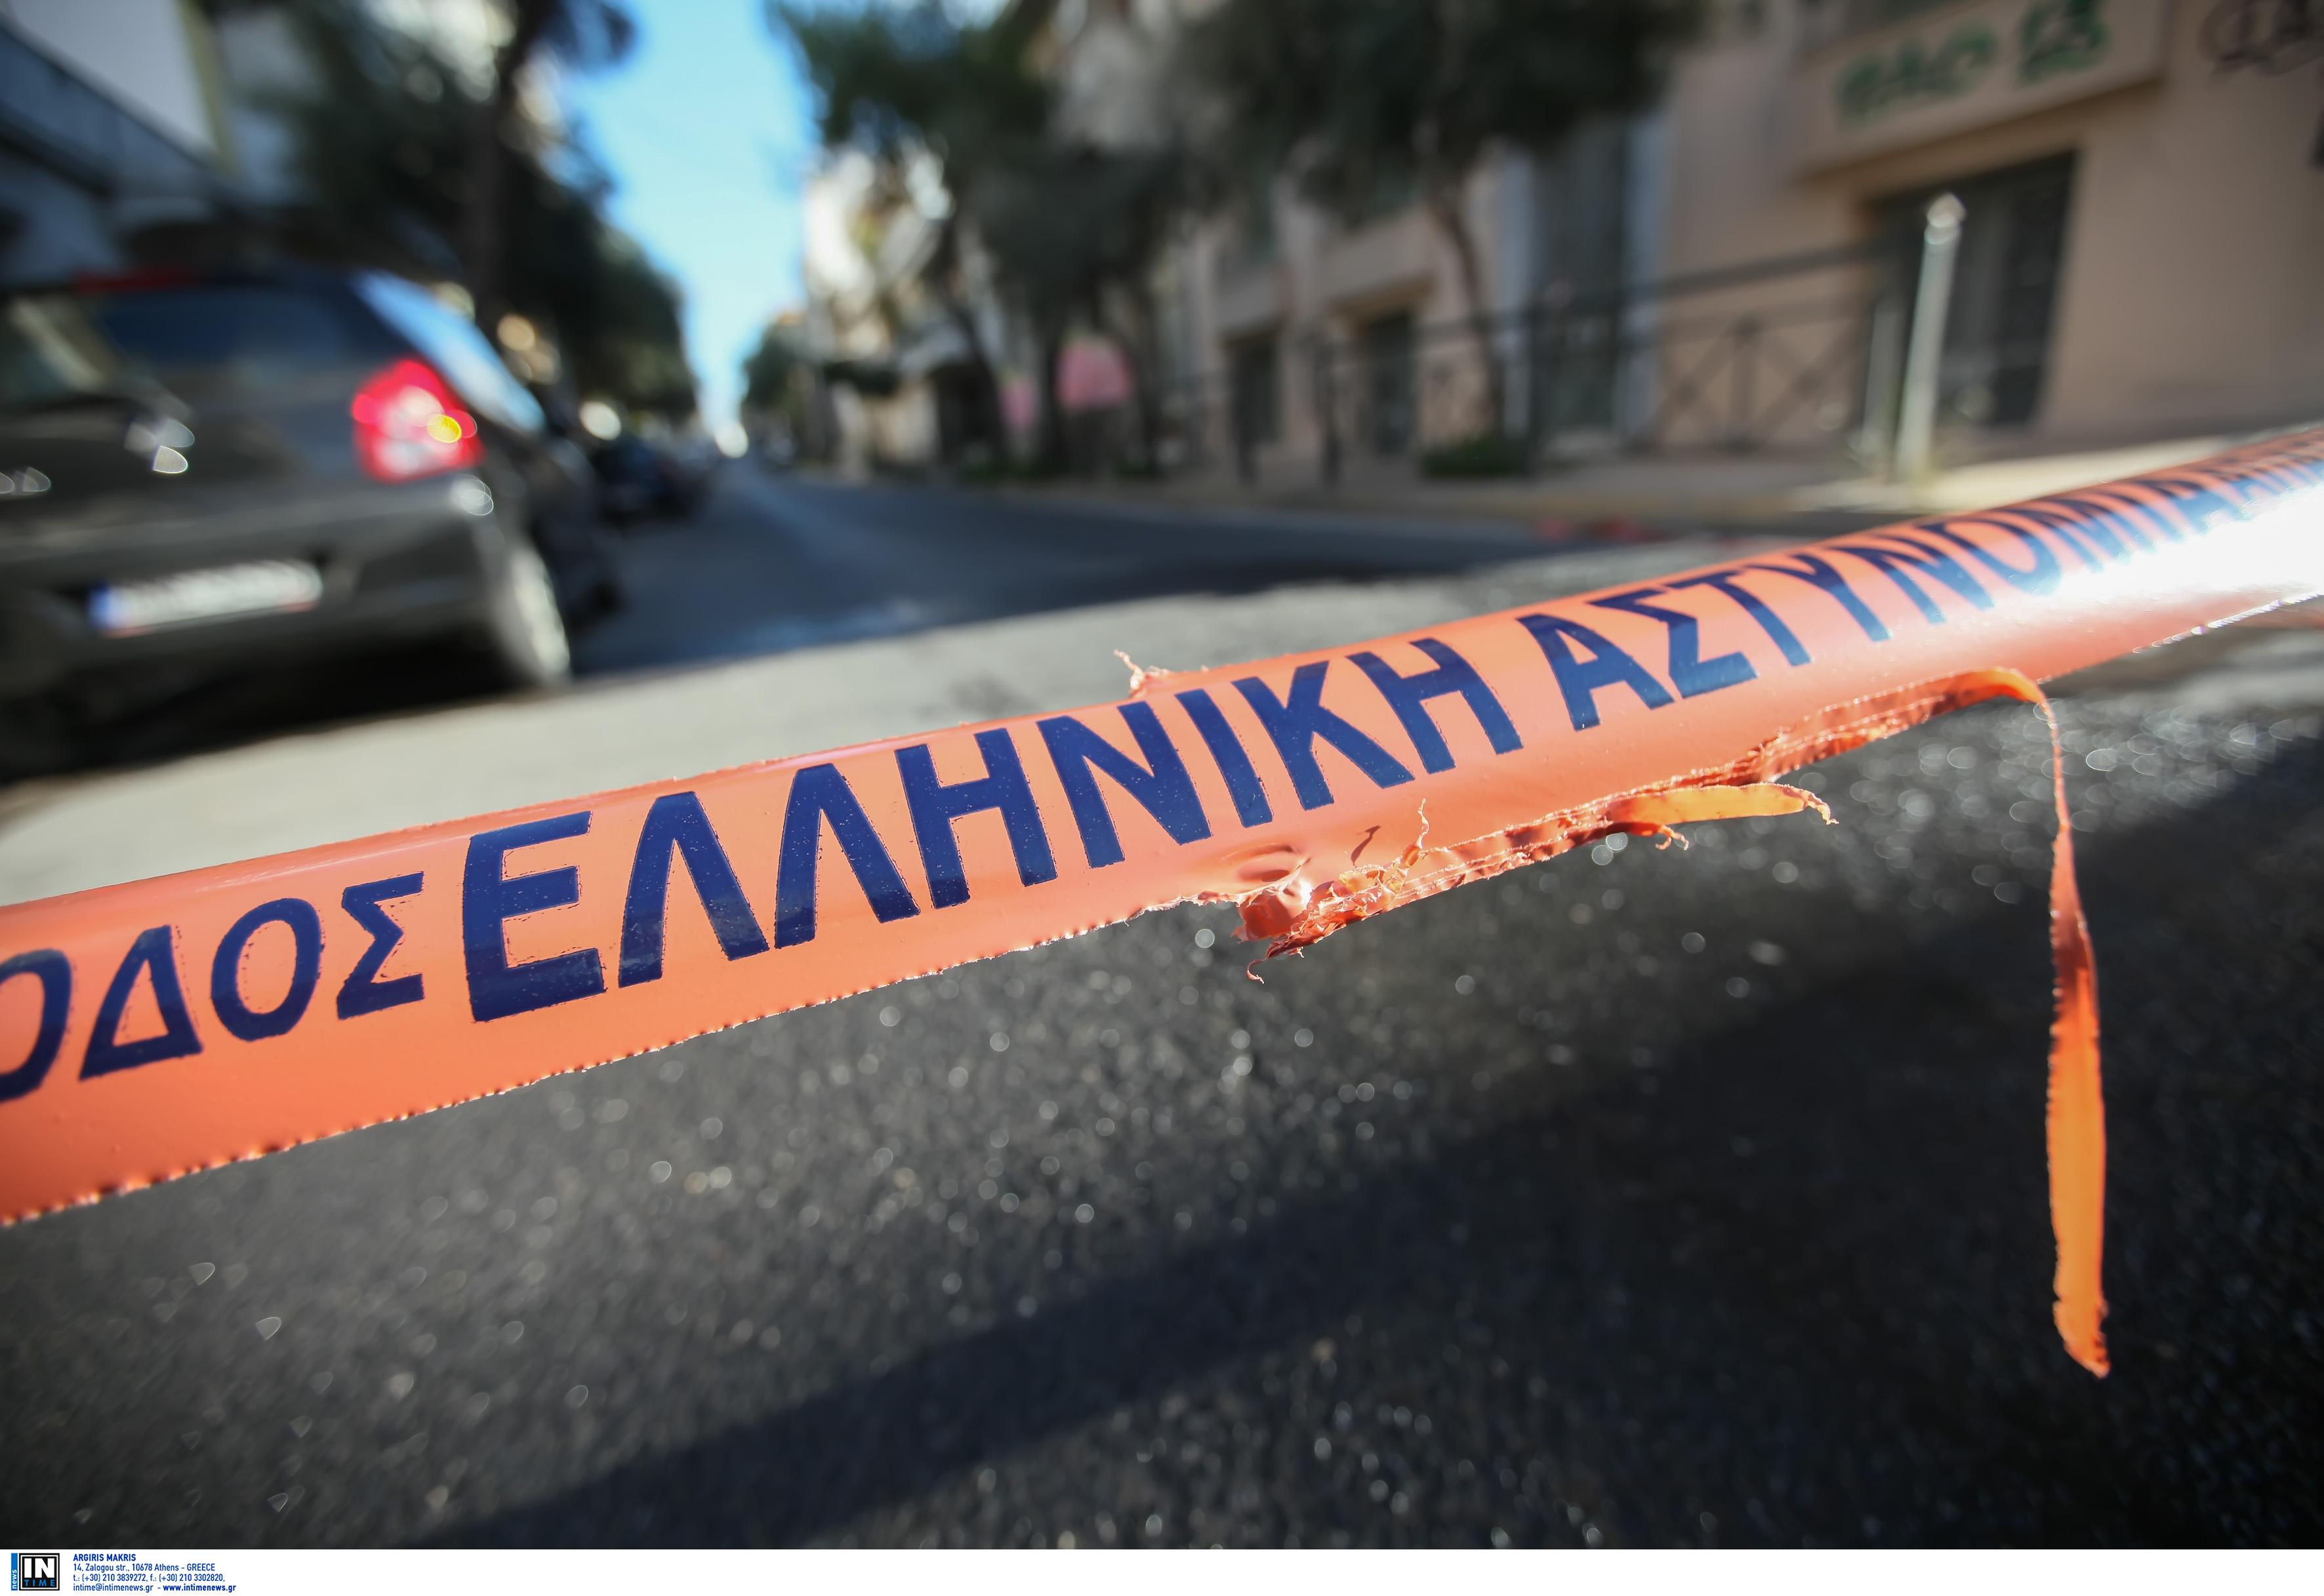 Πάτρα: Μια κρεμάλα με φωτογραφίες ανηλίκων και ένα τάπερ με σφαίρα πίσω από τη δολοφονία στο φανοποιείο!